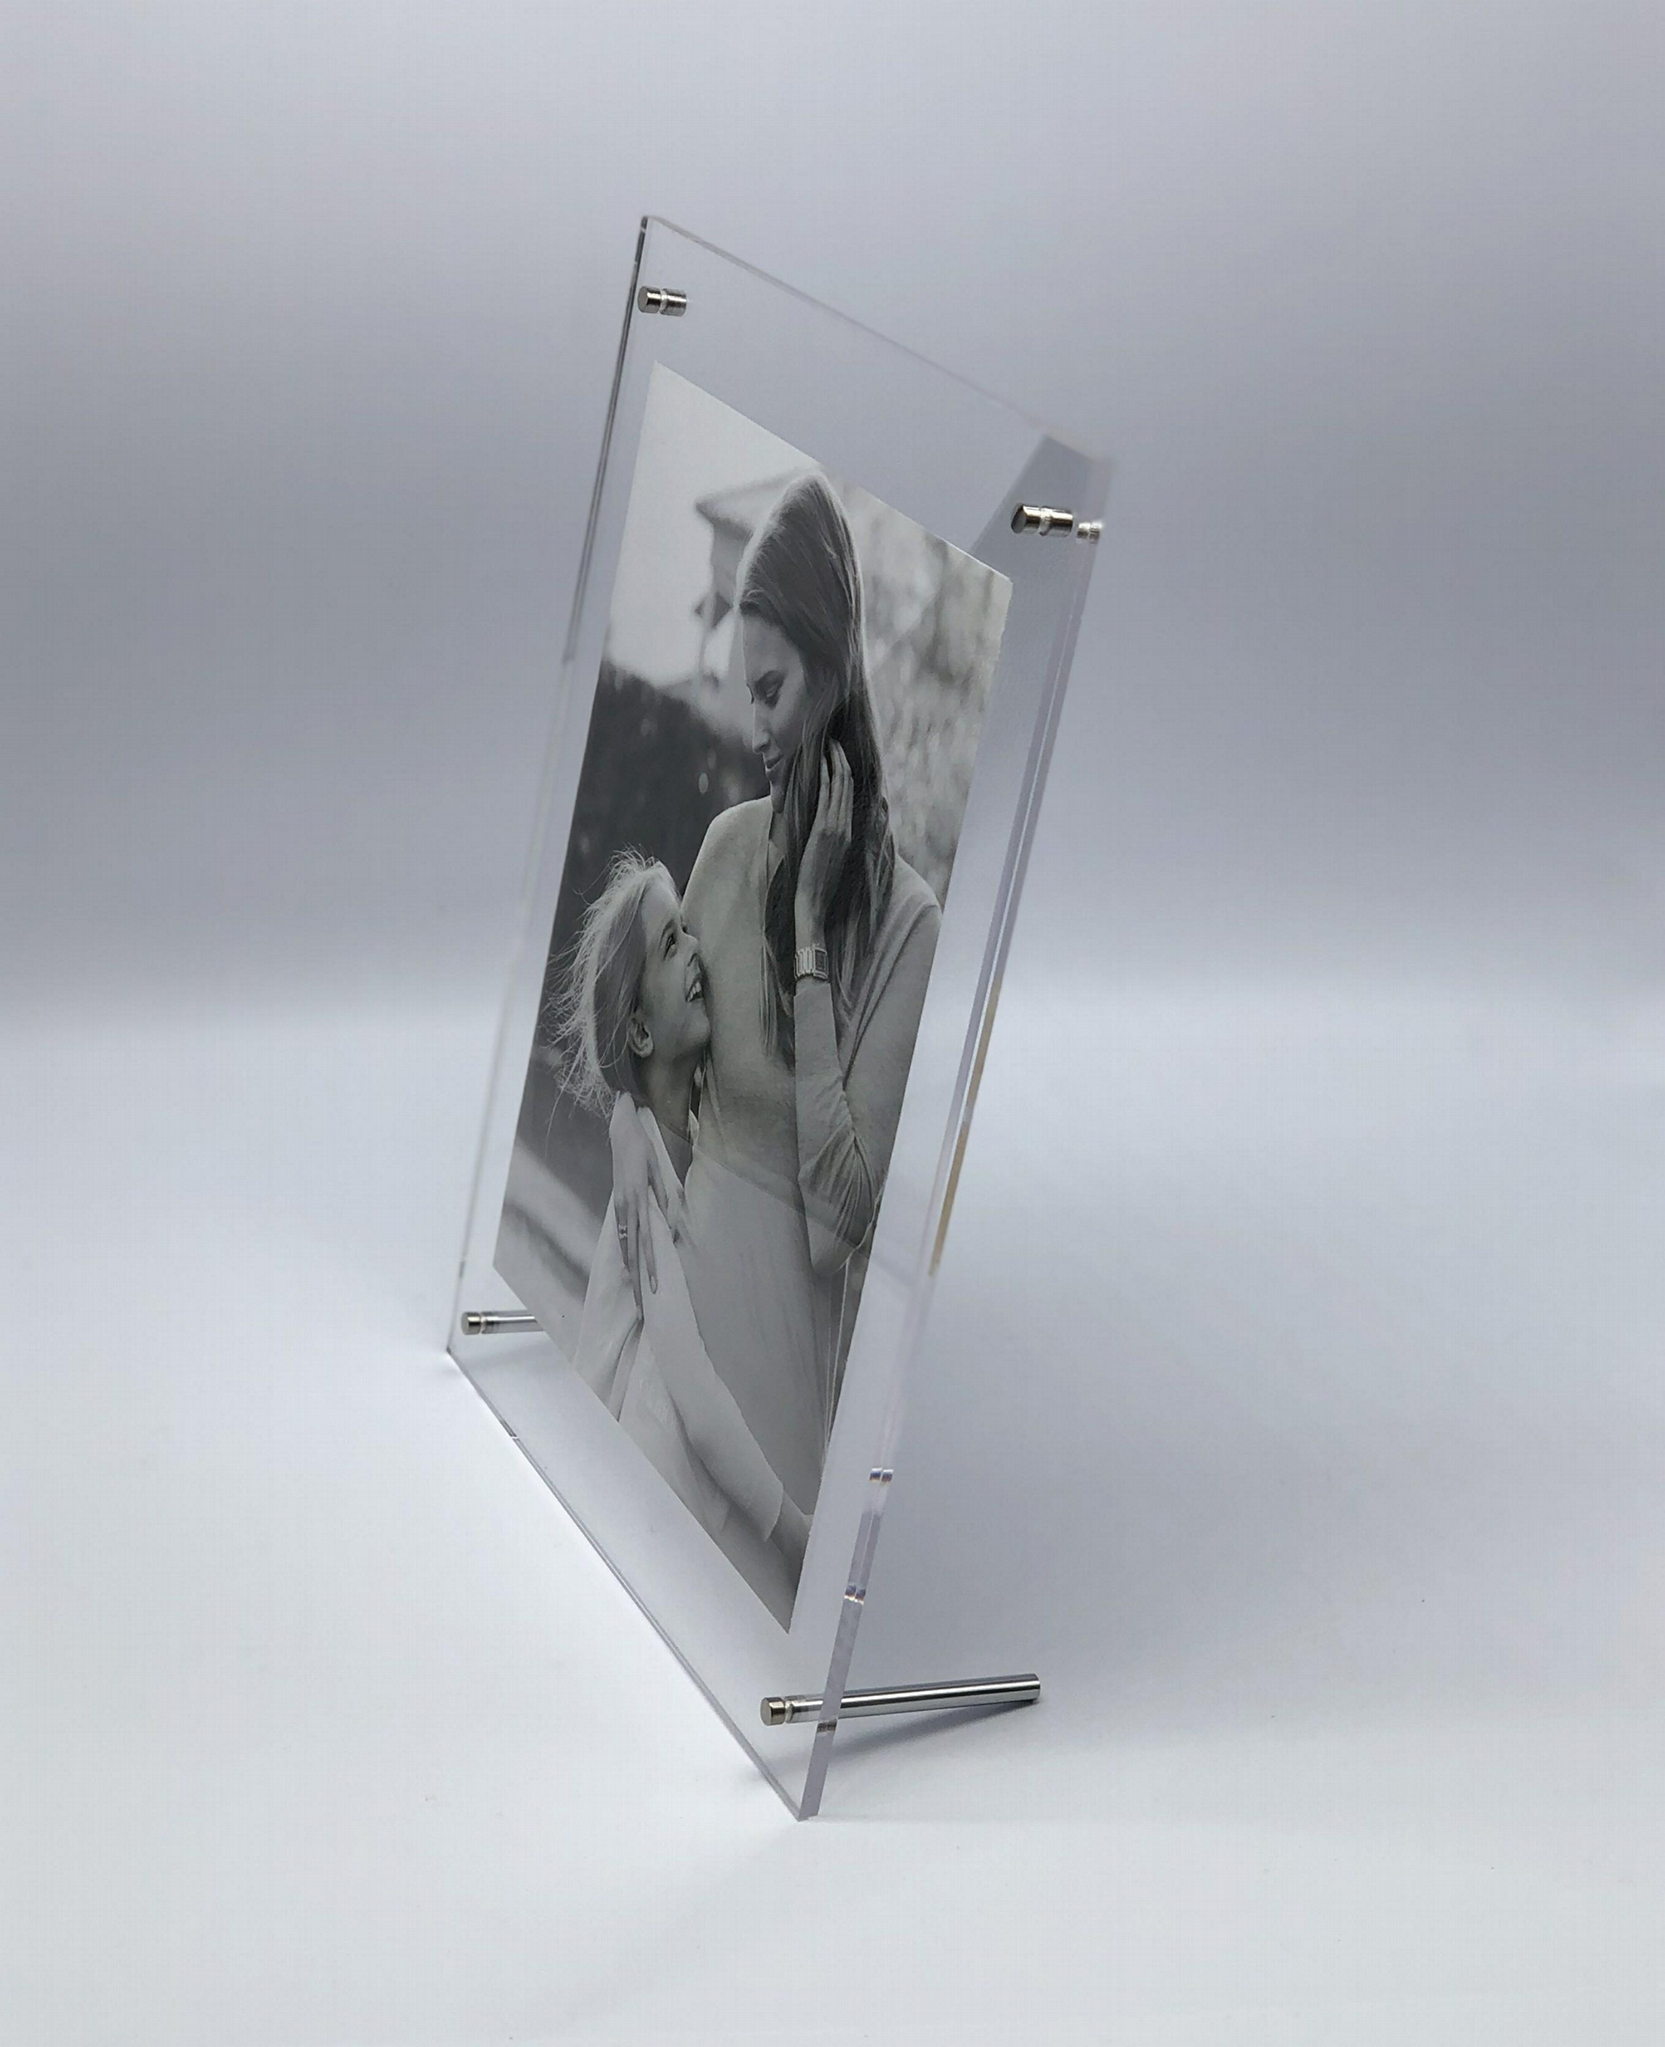 亞加力膠相架 A4,亞克力相框,壓克力相框, 透明水晶相架 ,證書框架 ,海報夾